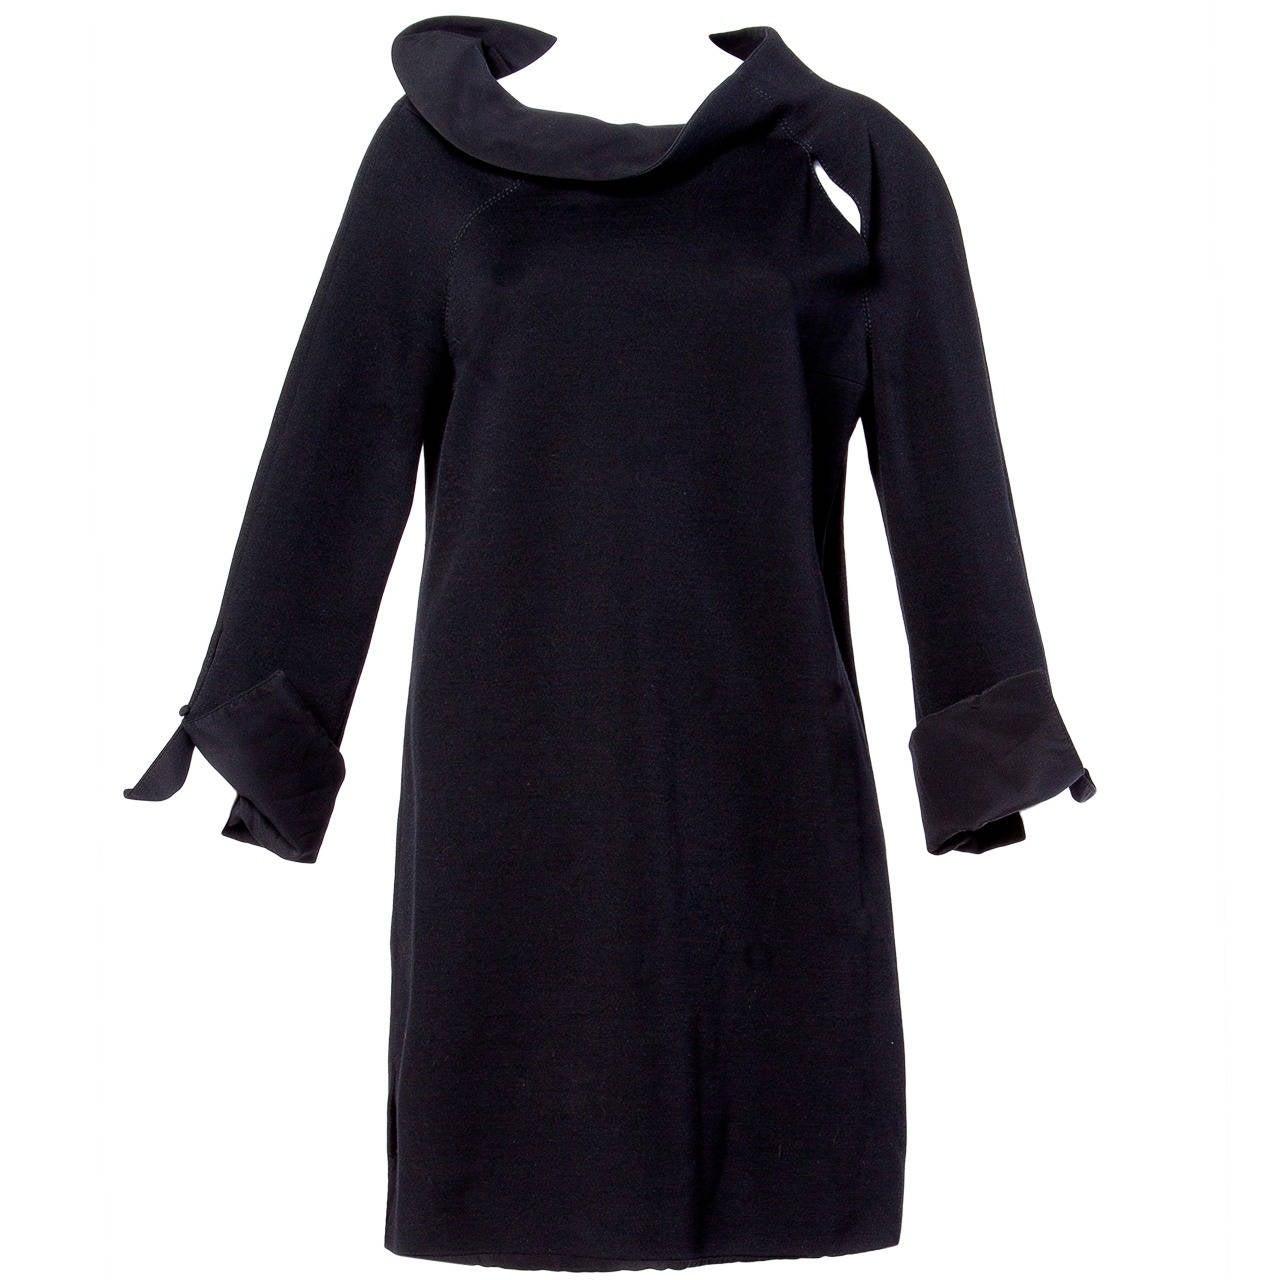 Gianfranco Ferre Vintage Black Wool Silk Avant Garde Cut Out Tunic Dress